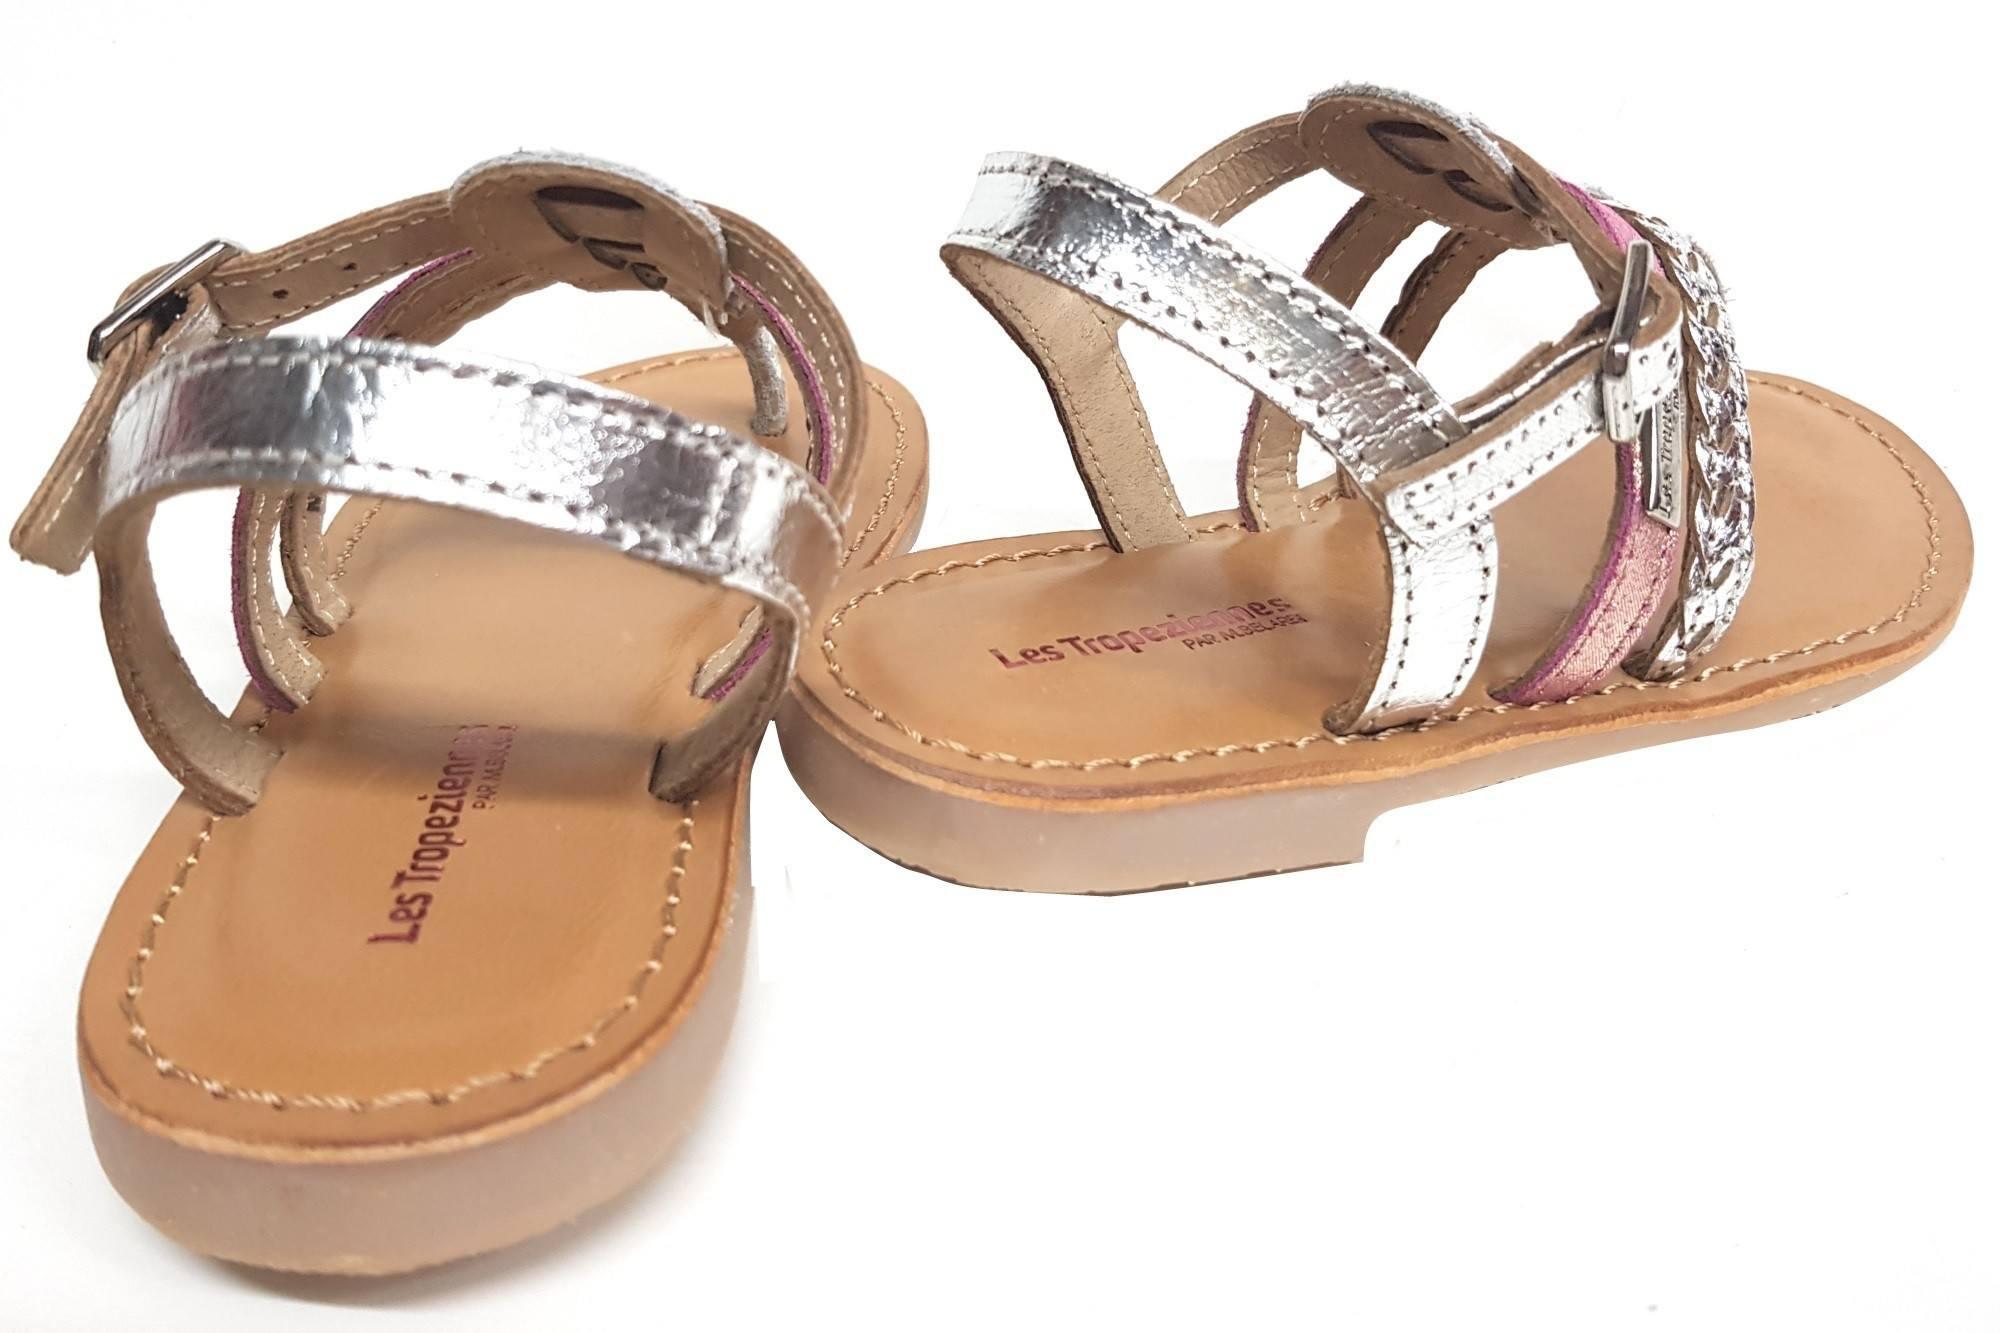 Les Tropéziennes, une sandale entre doigts en cuir argent et 1 lanière glitter rose fermée par 1 bride à boucle, Barmientre doigt Barmi à bride à boucle